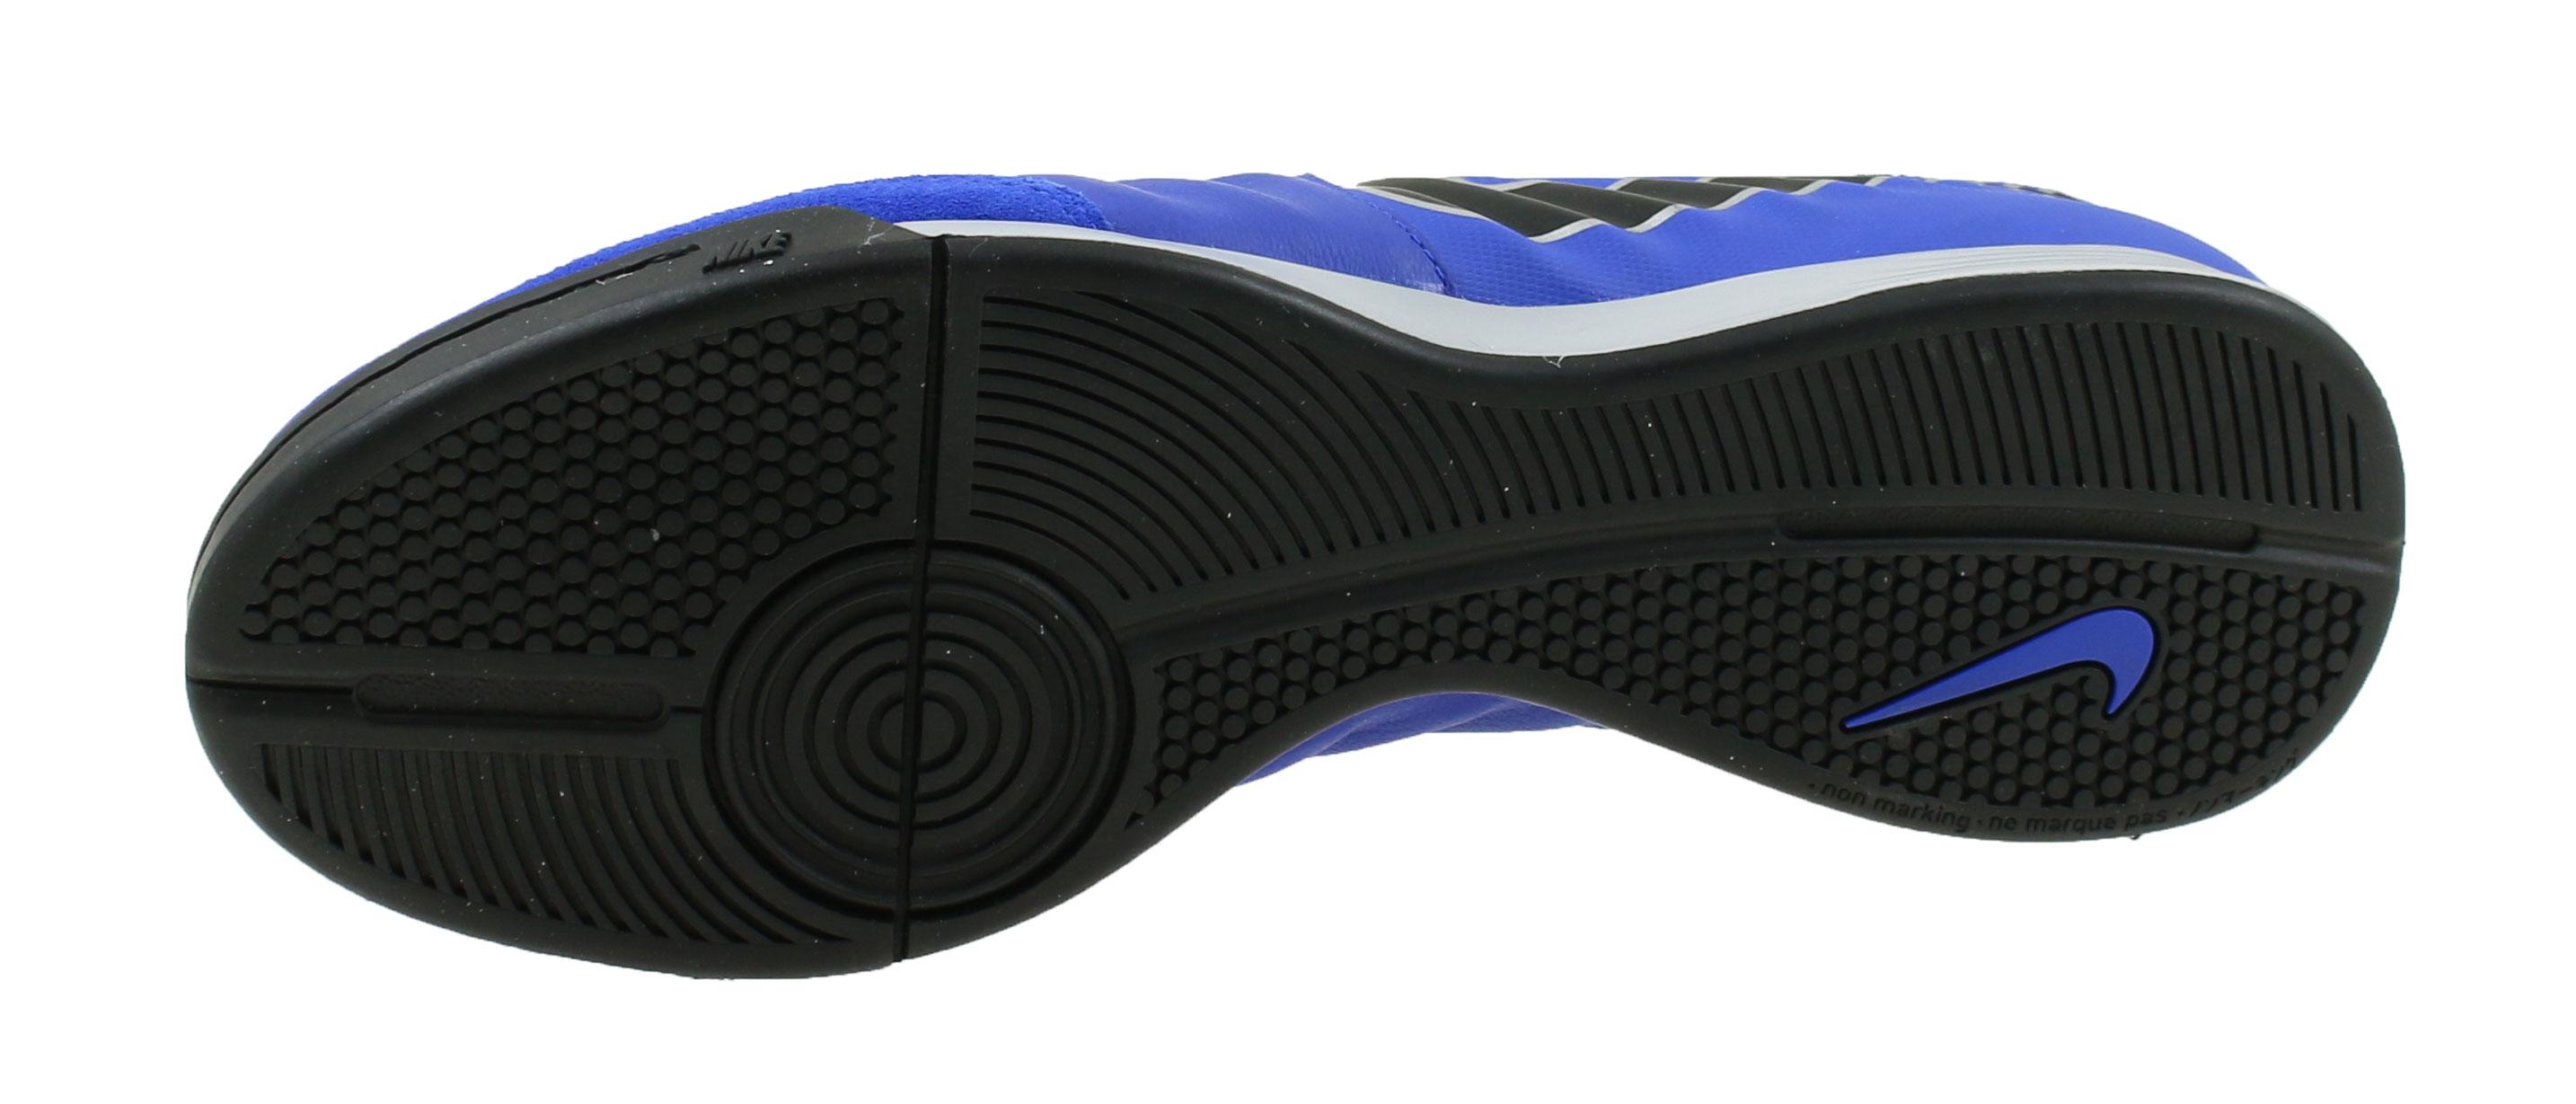 78234d59ca9 Nike Tiempo LegendX VII Academy IC Indoor. AH7244 400 Racer Blue Black  Metallic. Product afbeelding Product afbeelding Product afbeelding Product  afbeelding